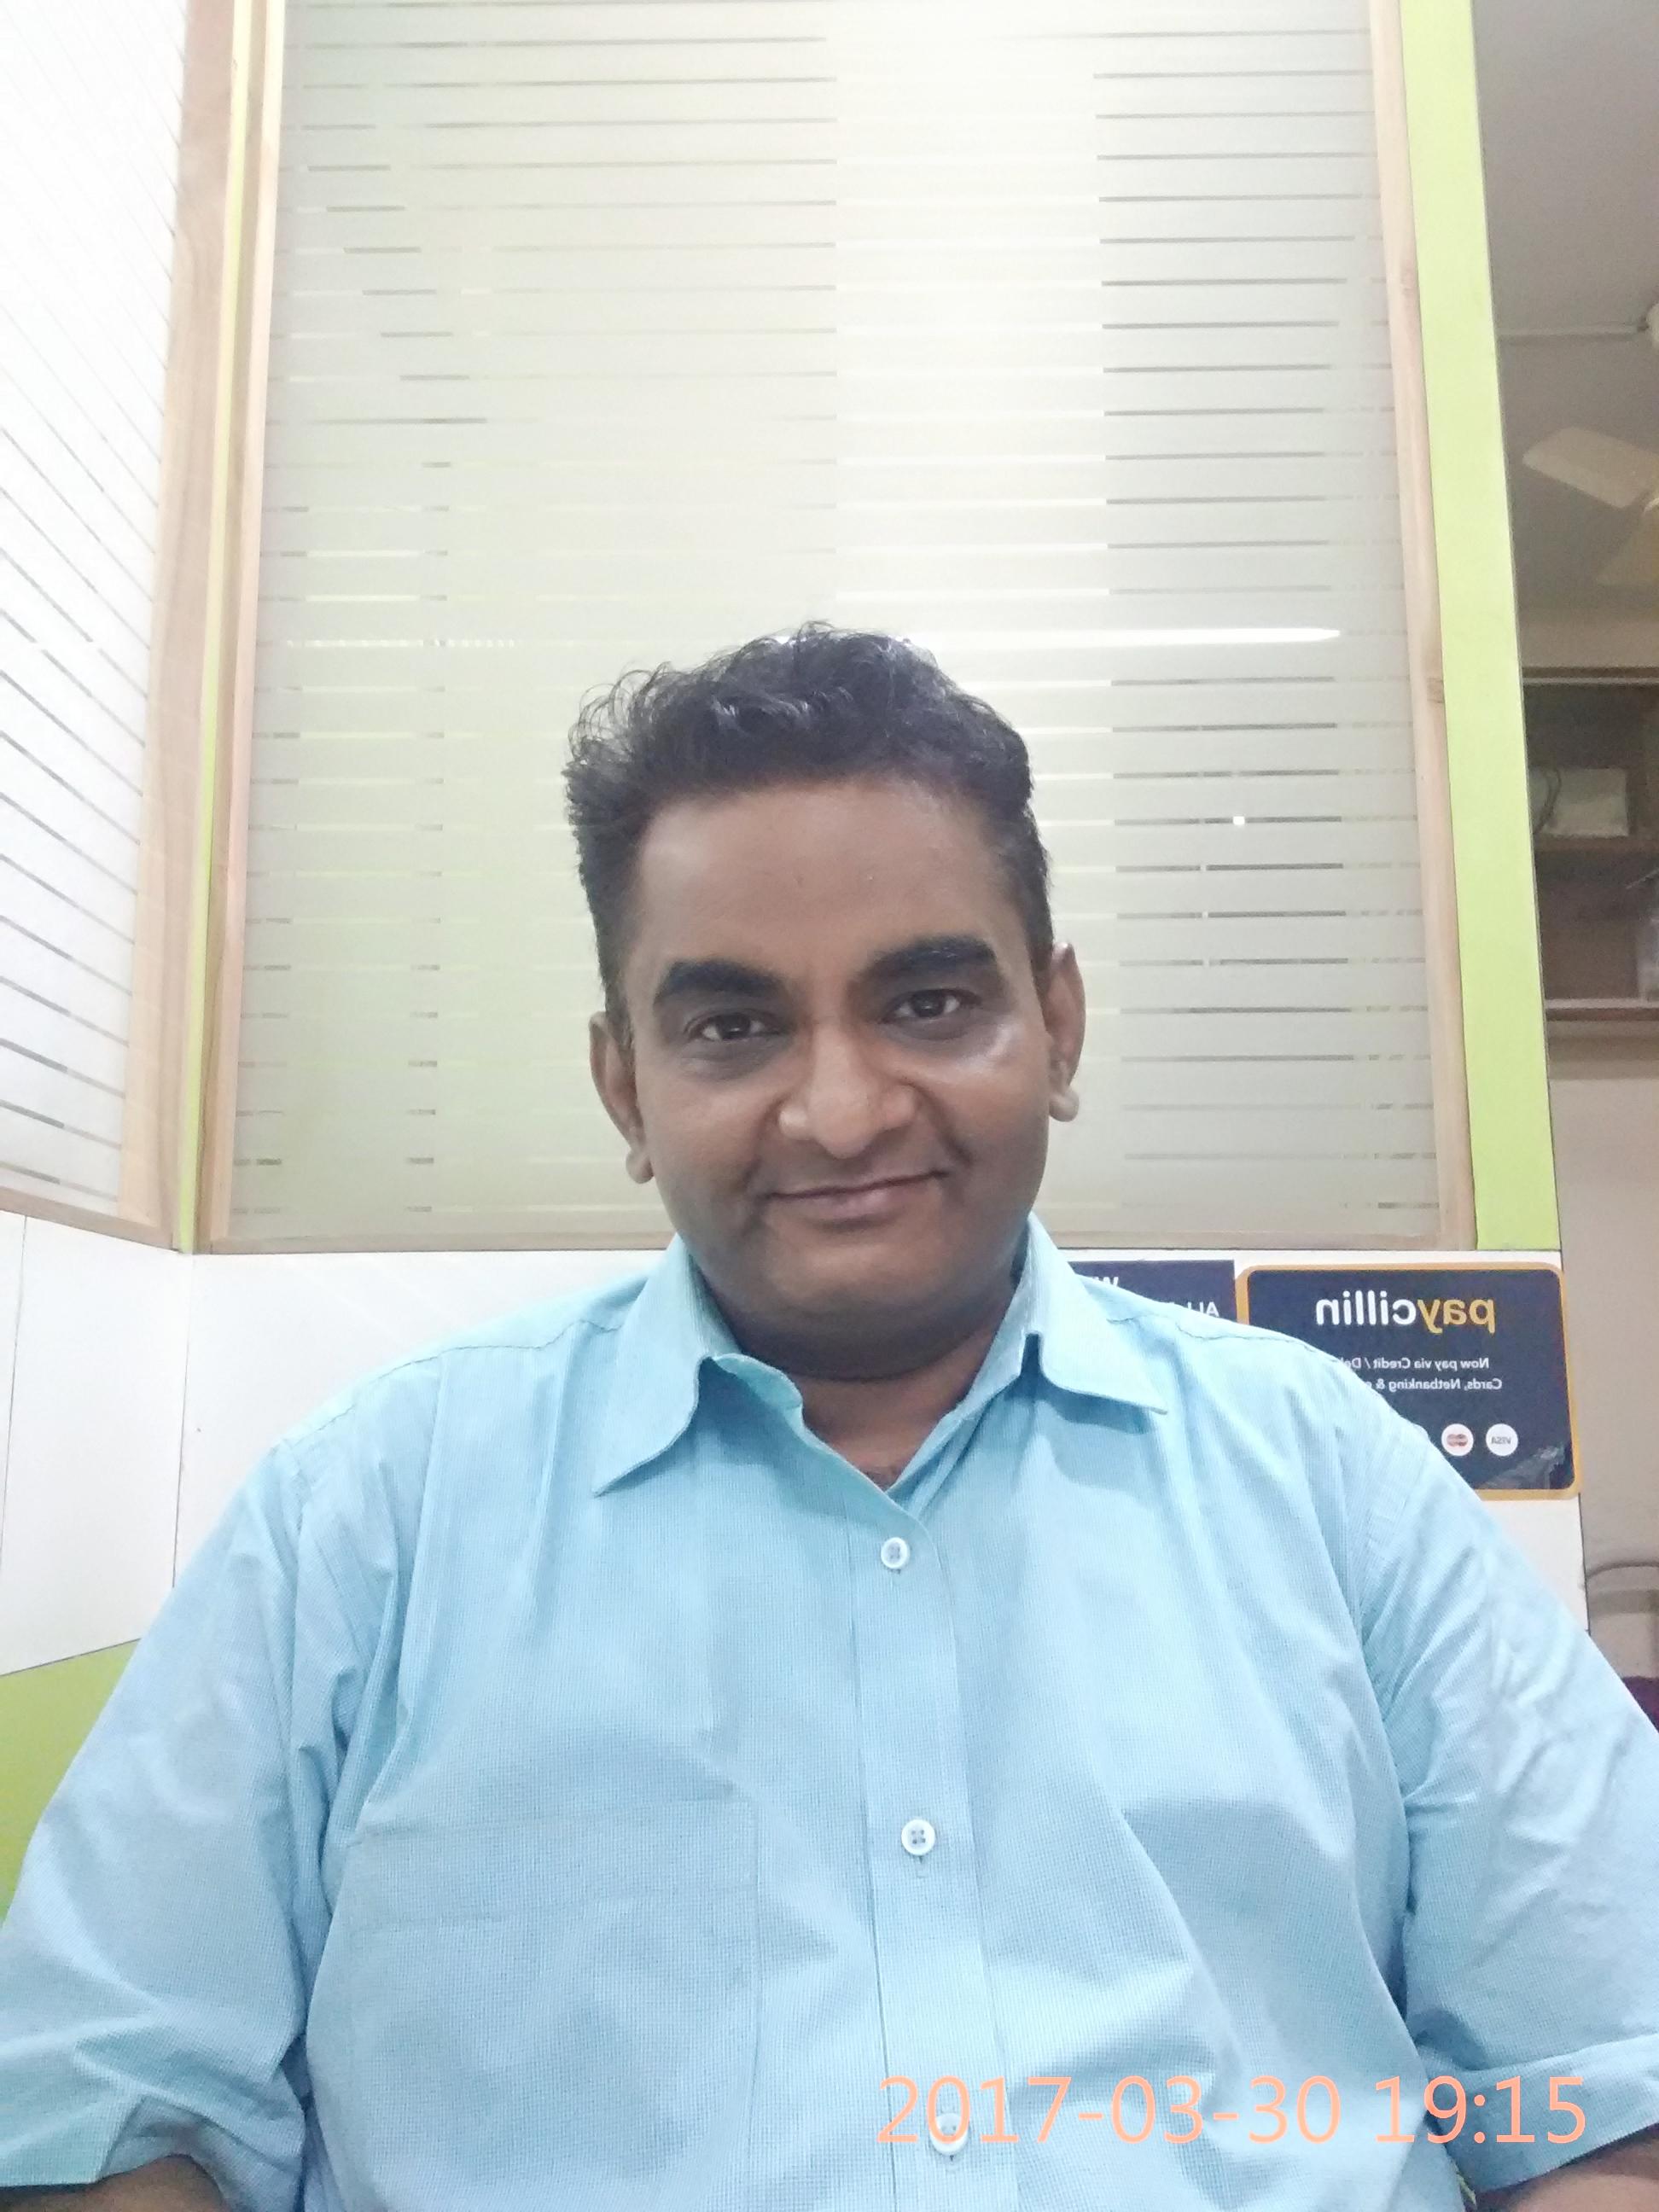 Dr. Samir Singru